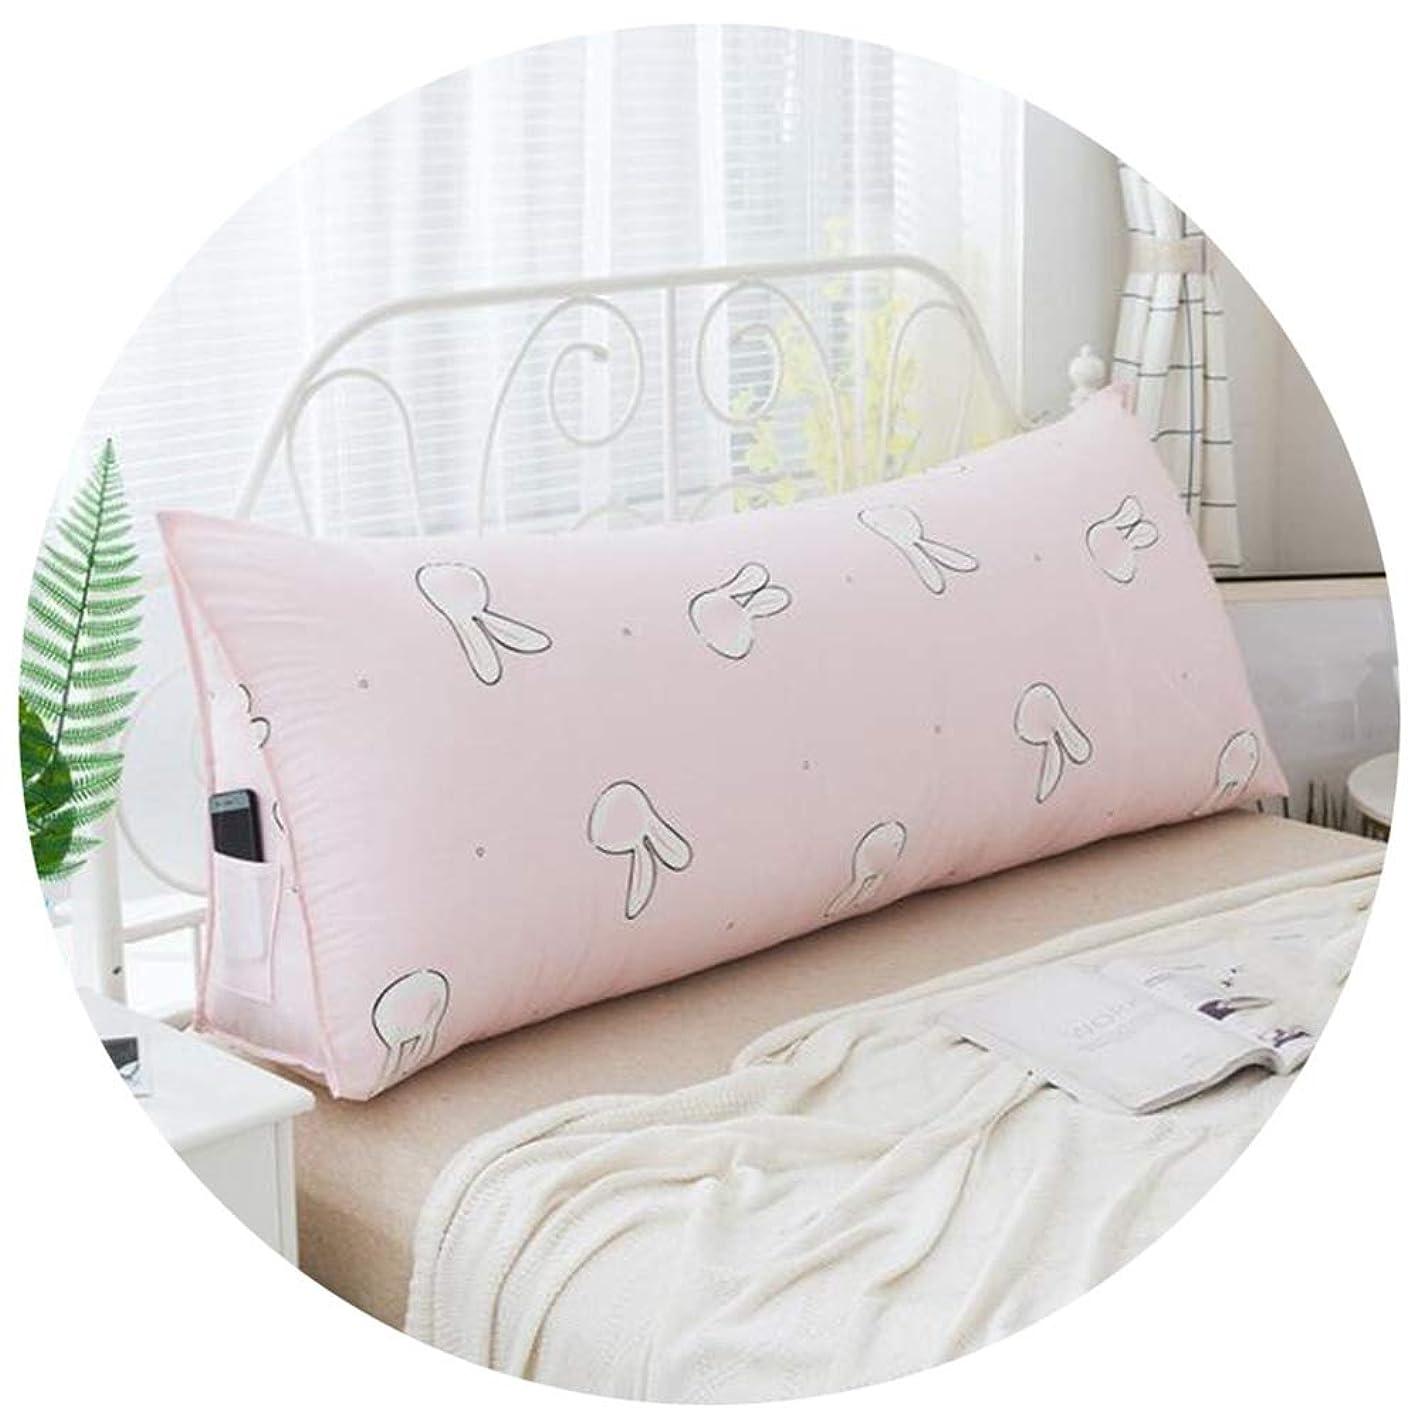 学習苦味冒険家LINLINZ クッションベッドの背もたれ三角形柔らかい居心地の良い肌に優しい通気性取り外し可能メタルジッパー サイドポケット、8色、4サイズ (Color : Pink-A, Size : 90X23X50cm)